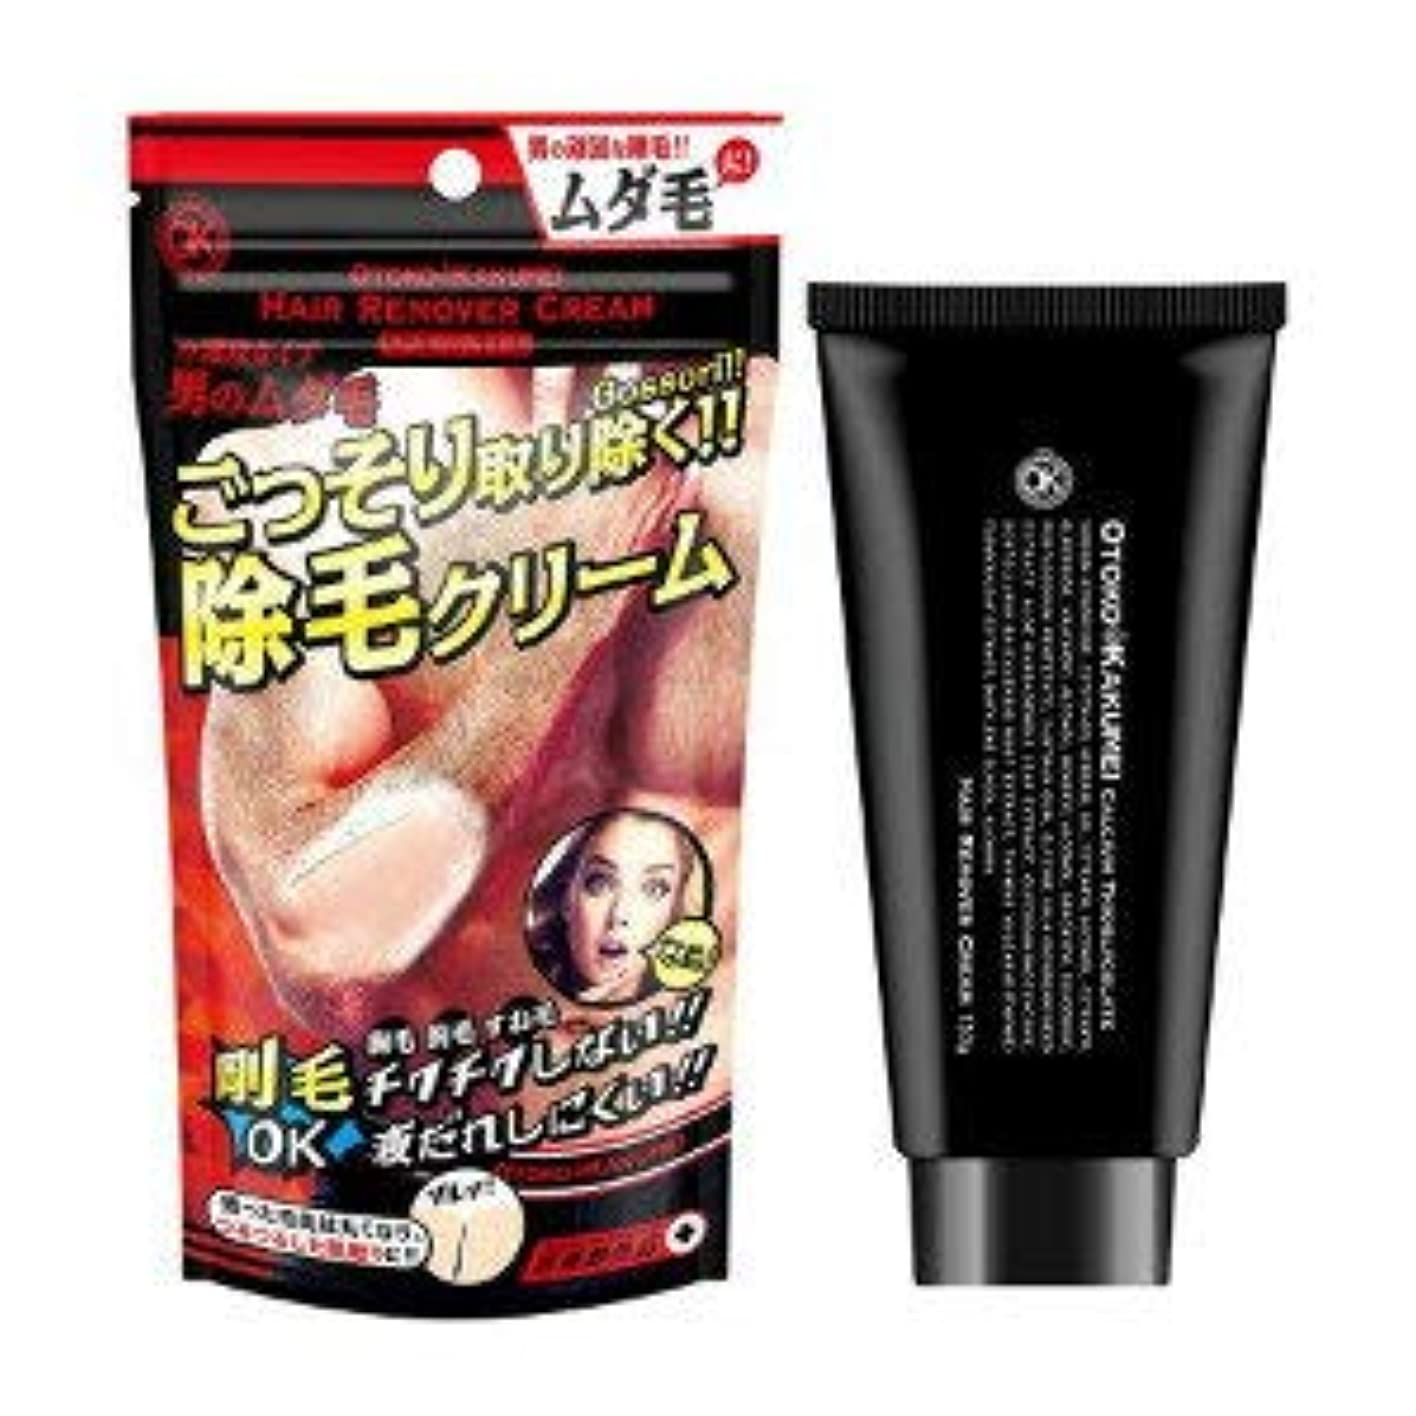 怖いけがをする結果GR OTOKO KAKUMEI ヘアリムーバークリーム 130g×3個セット (医薬部外品)